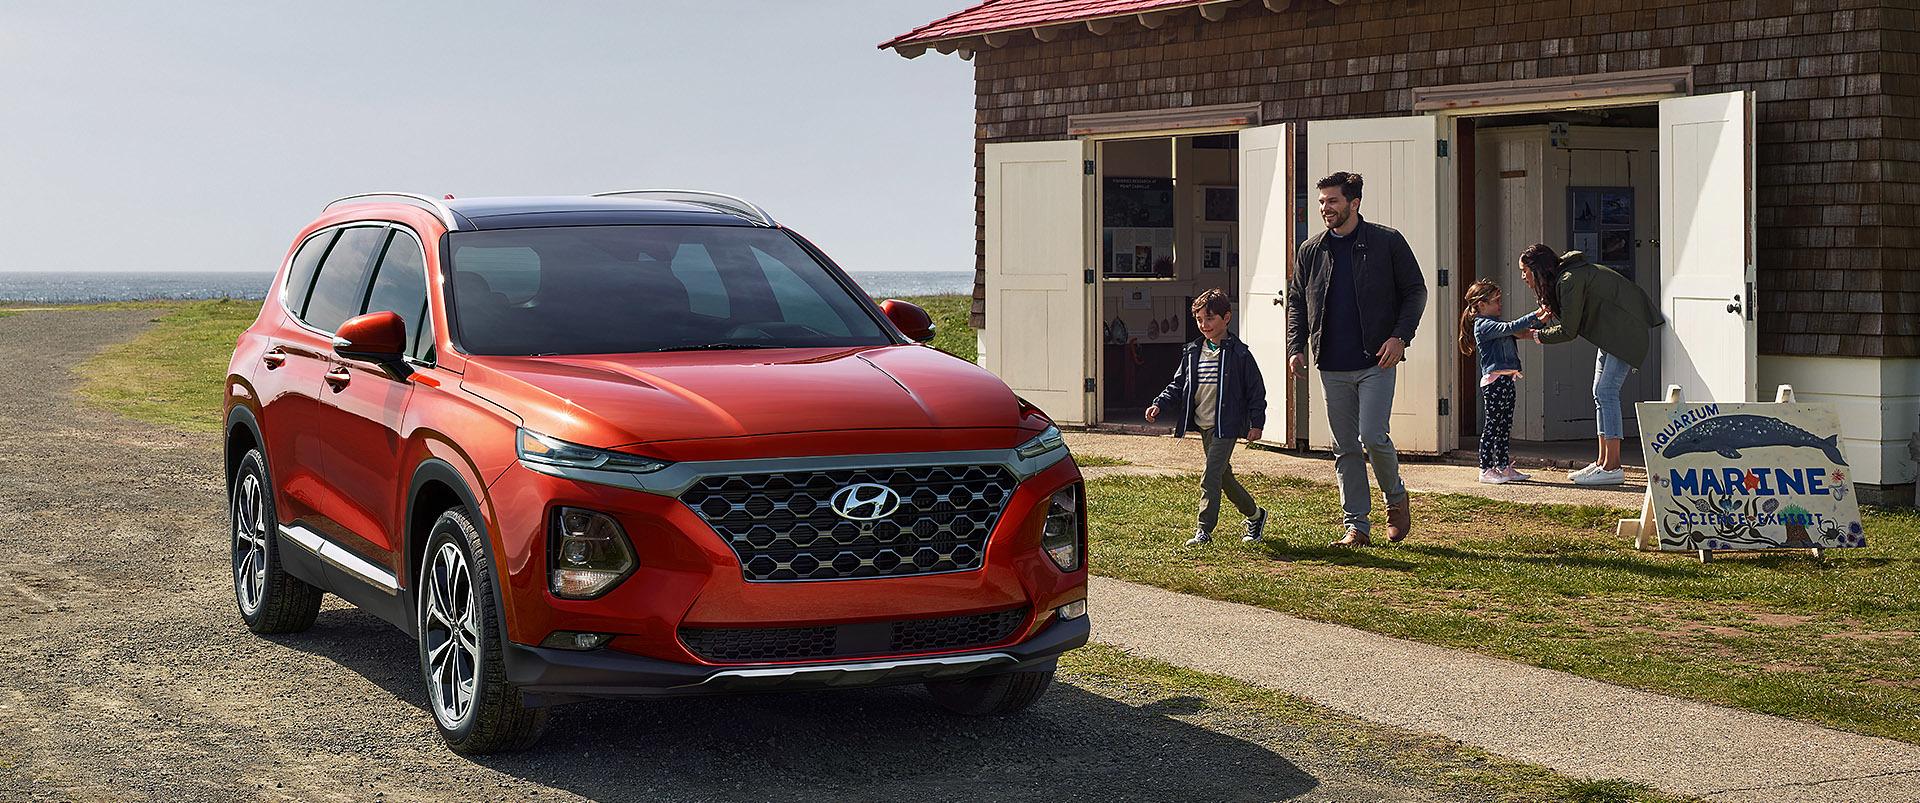 2020 Hyundai Santa Fe Leasing near Springfield, VA